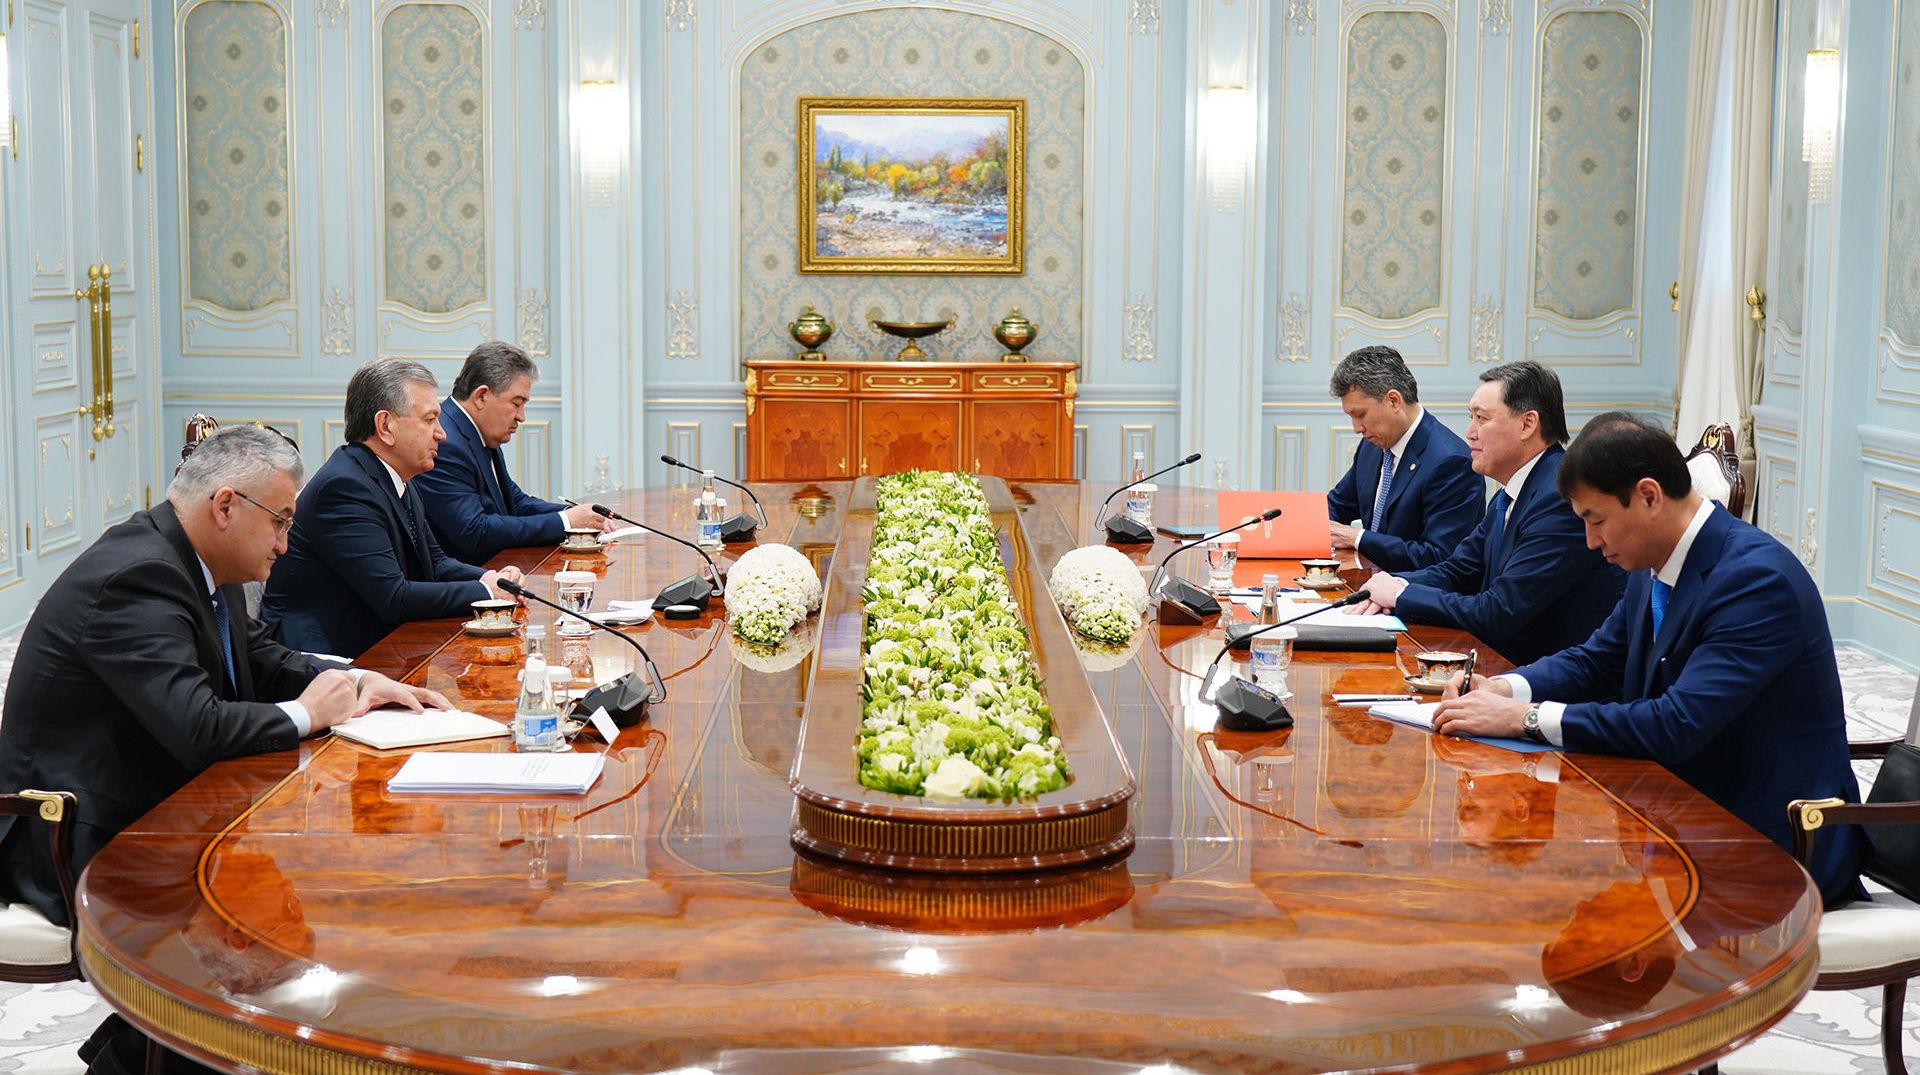 Сегодня в городе Ташкенте премьер-министр Аскар Мамин встретился с президентом Узбекистана Шавкатом Мирзиеевым